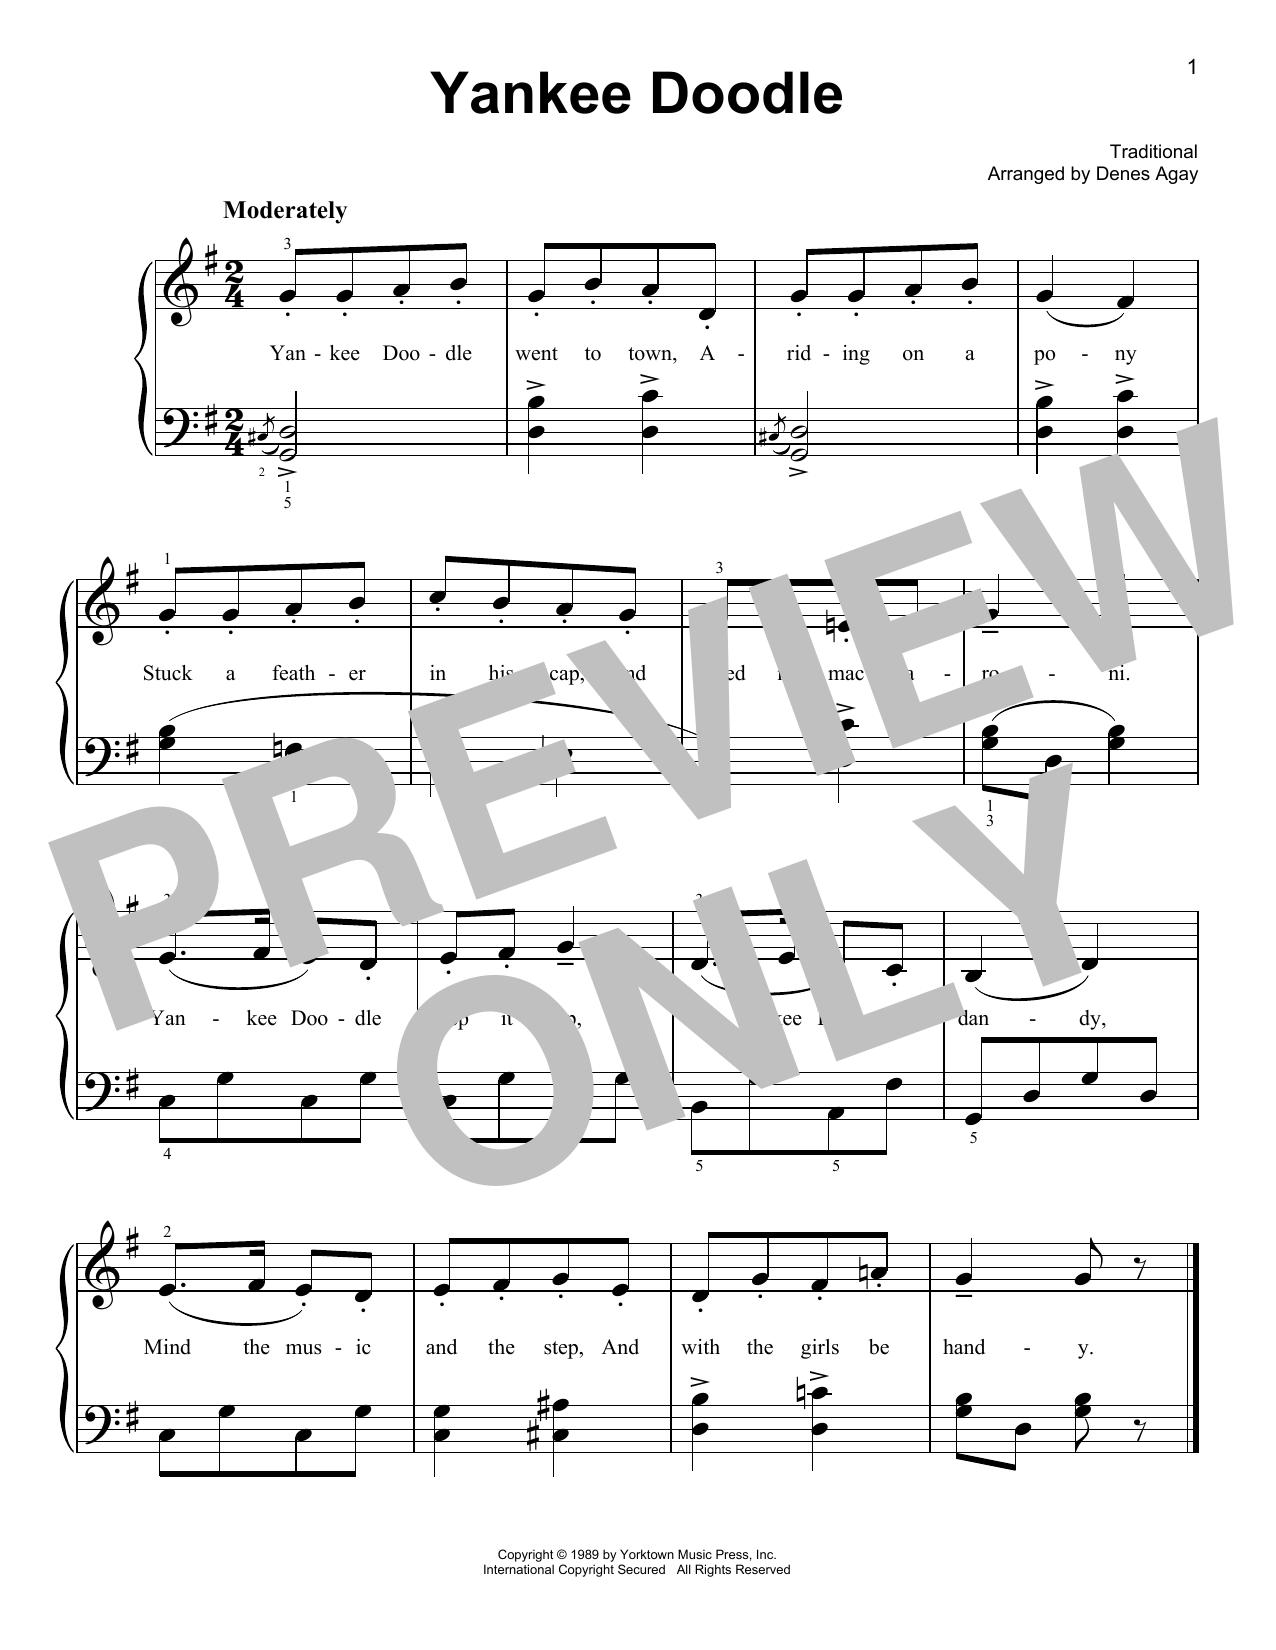 Yankee Doodle (arr. Denes Agay) (Easy Piano)